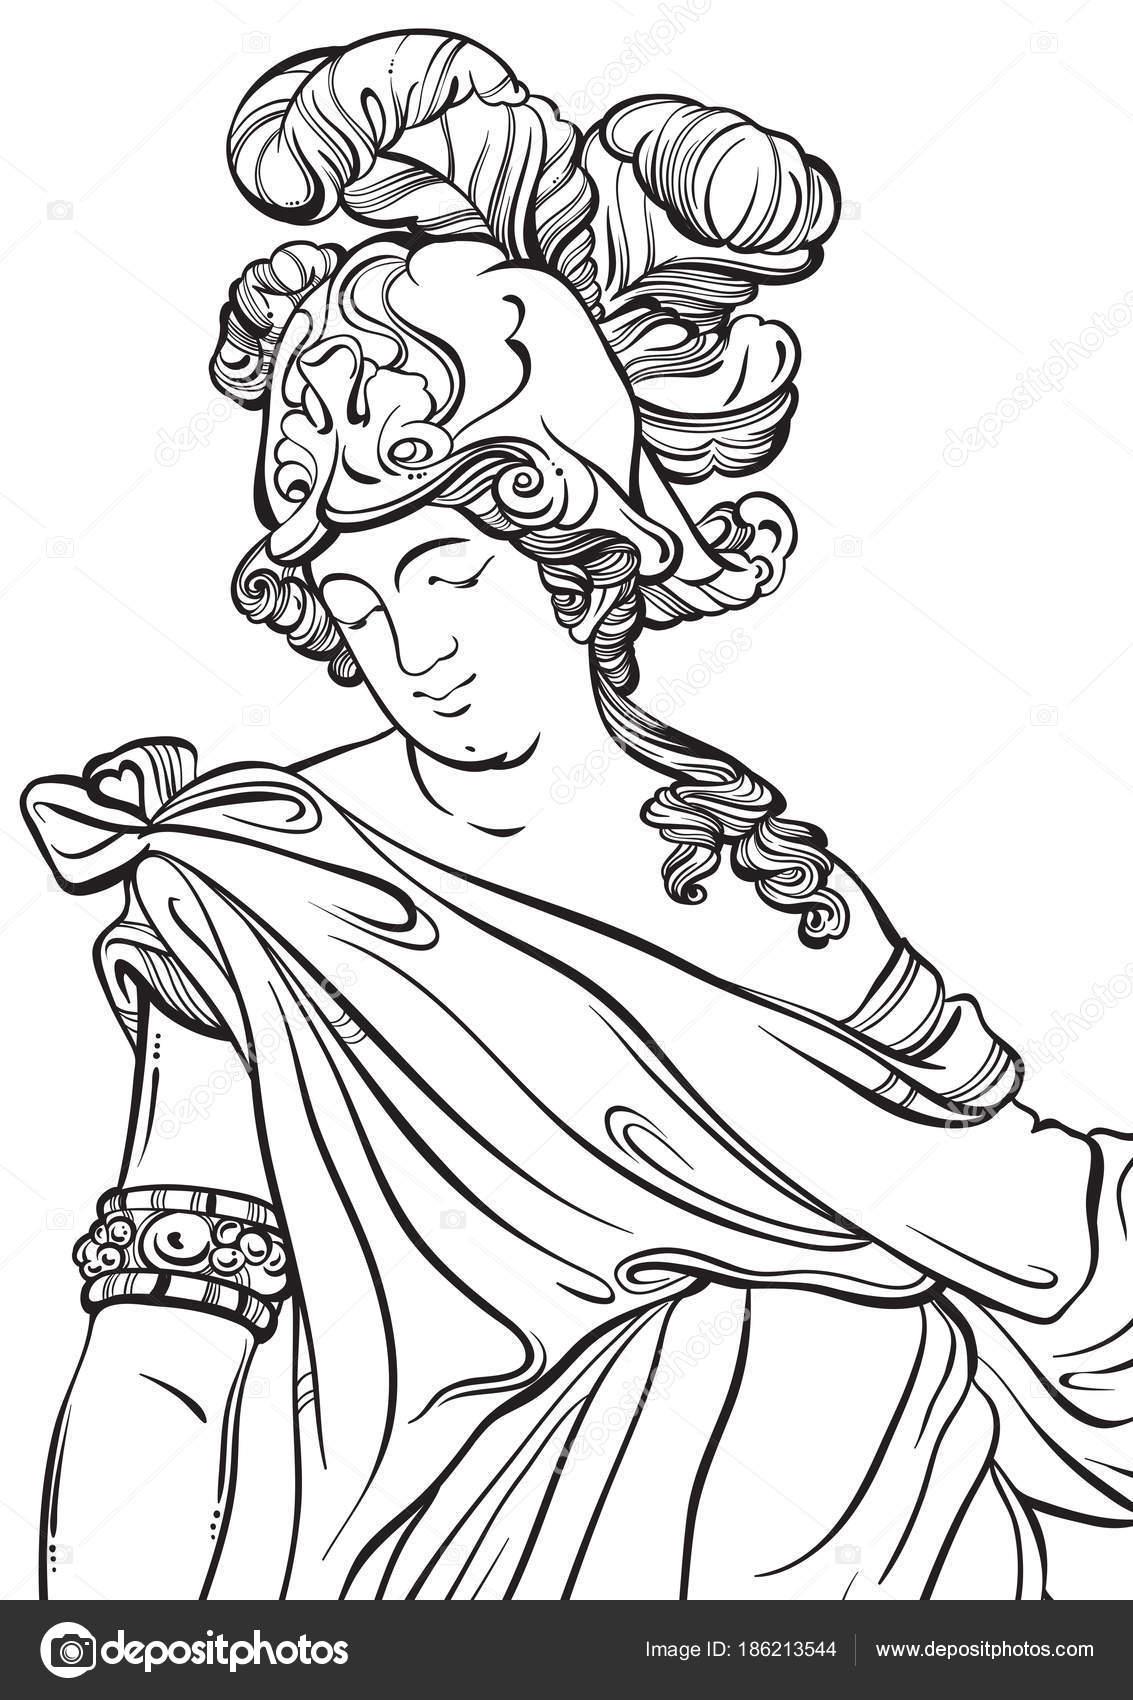 GamesAgeddon - Stock - Pegasus Coloring Page. Greek mythological ... | 1700x1133